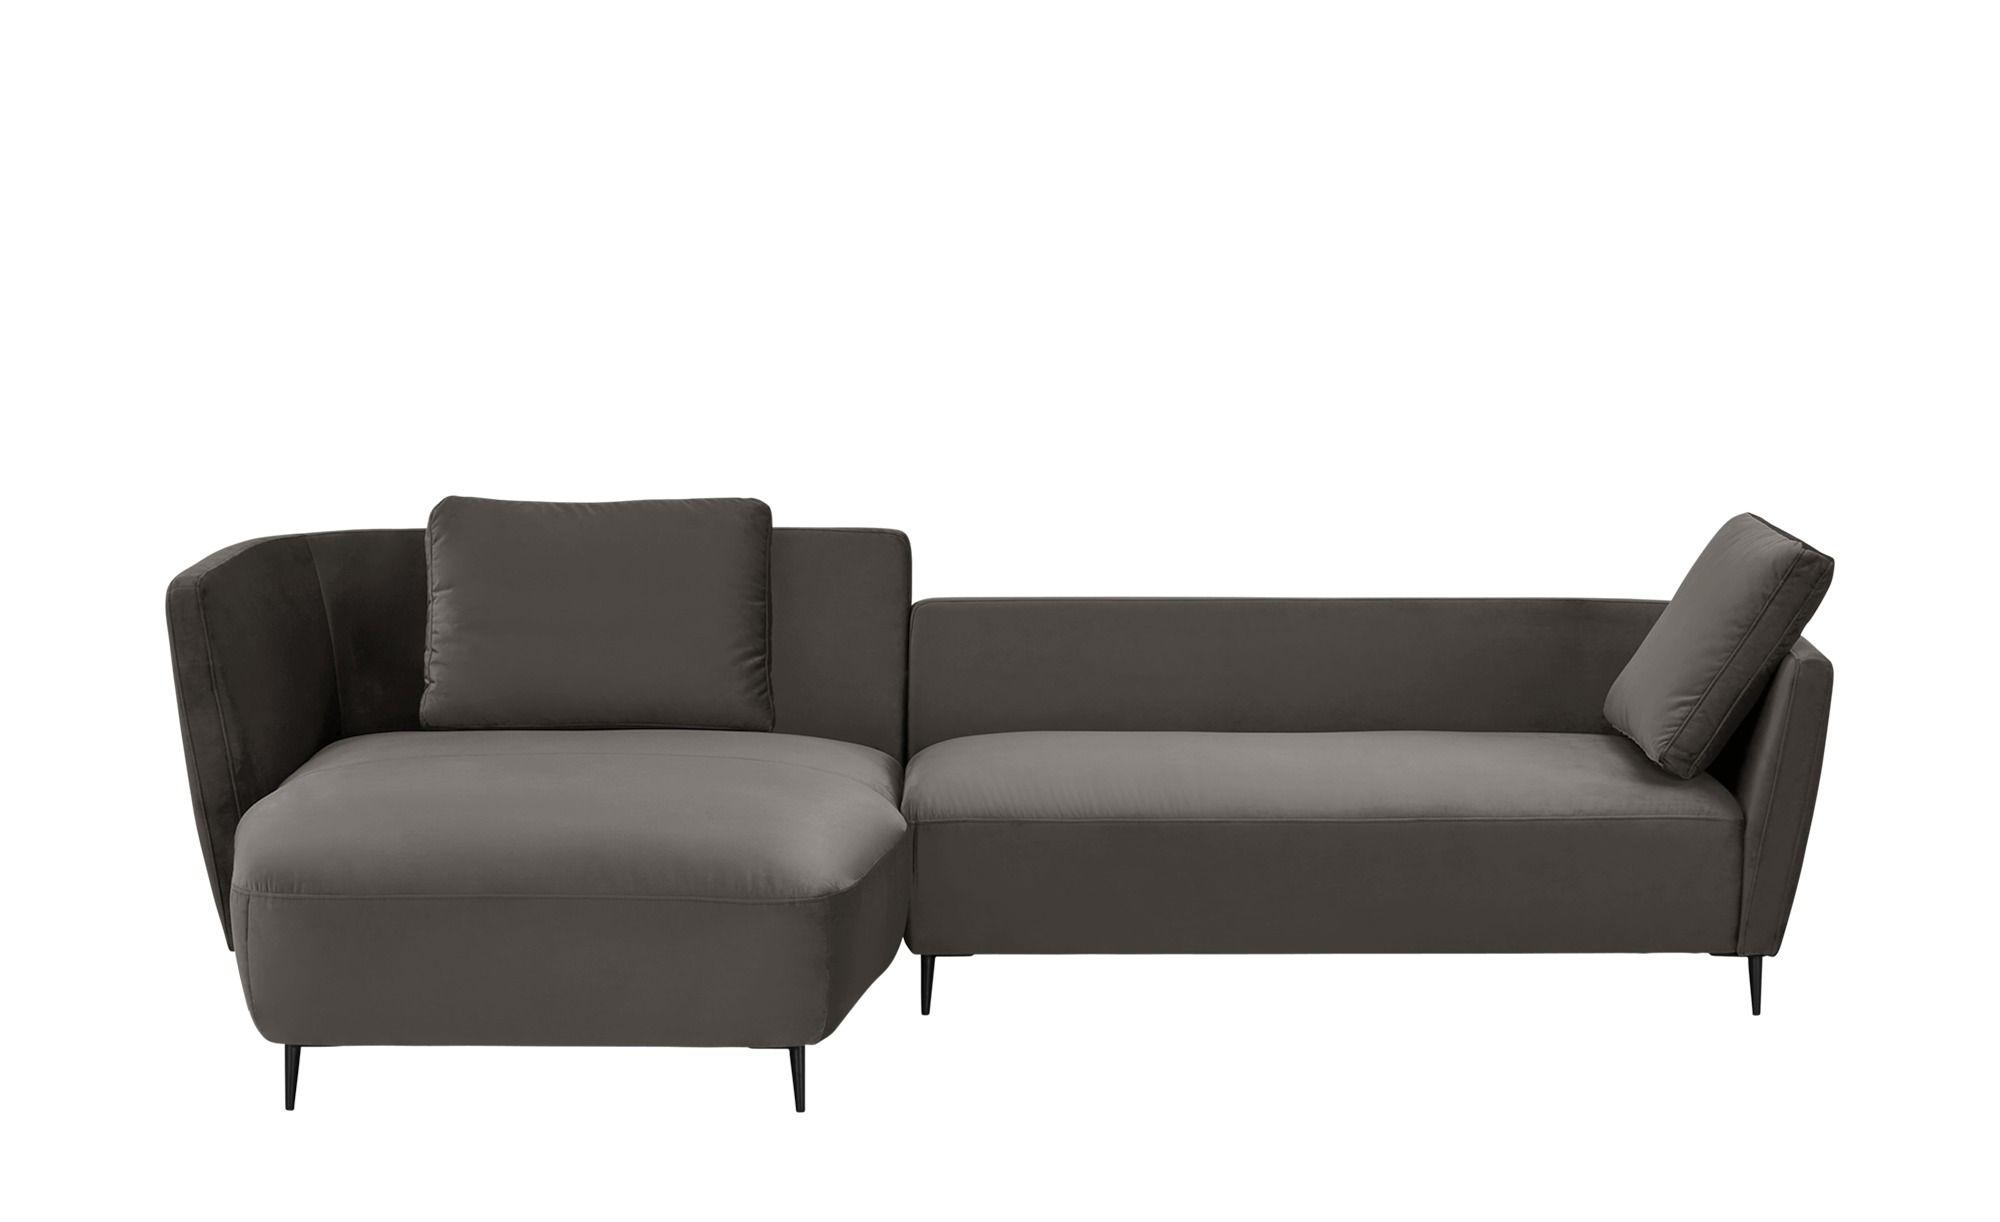 Pop Ecksofa Vivaldi Gefunden Bei Mobel Hoffner Sofa Couch Decor